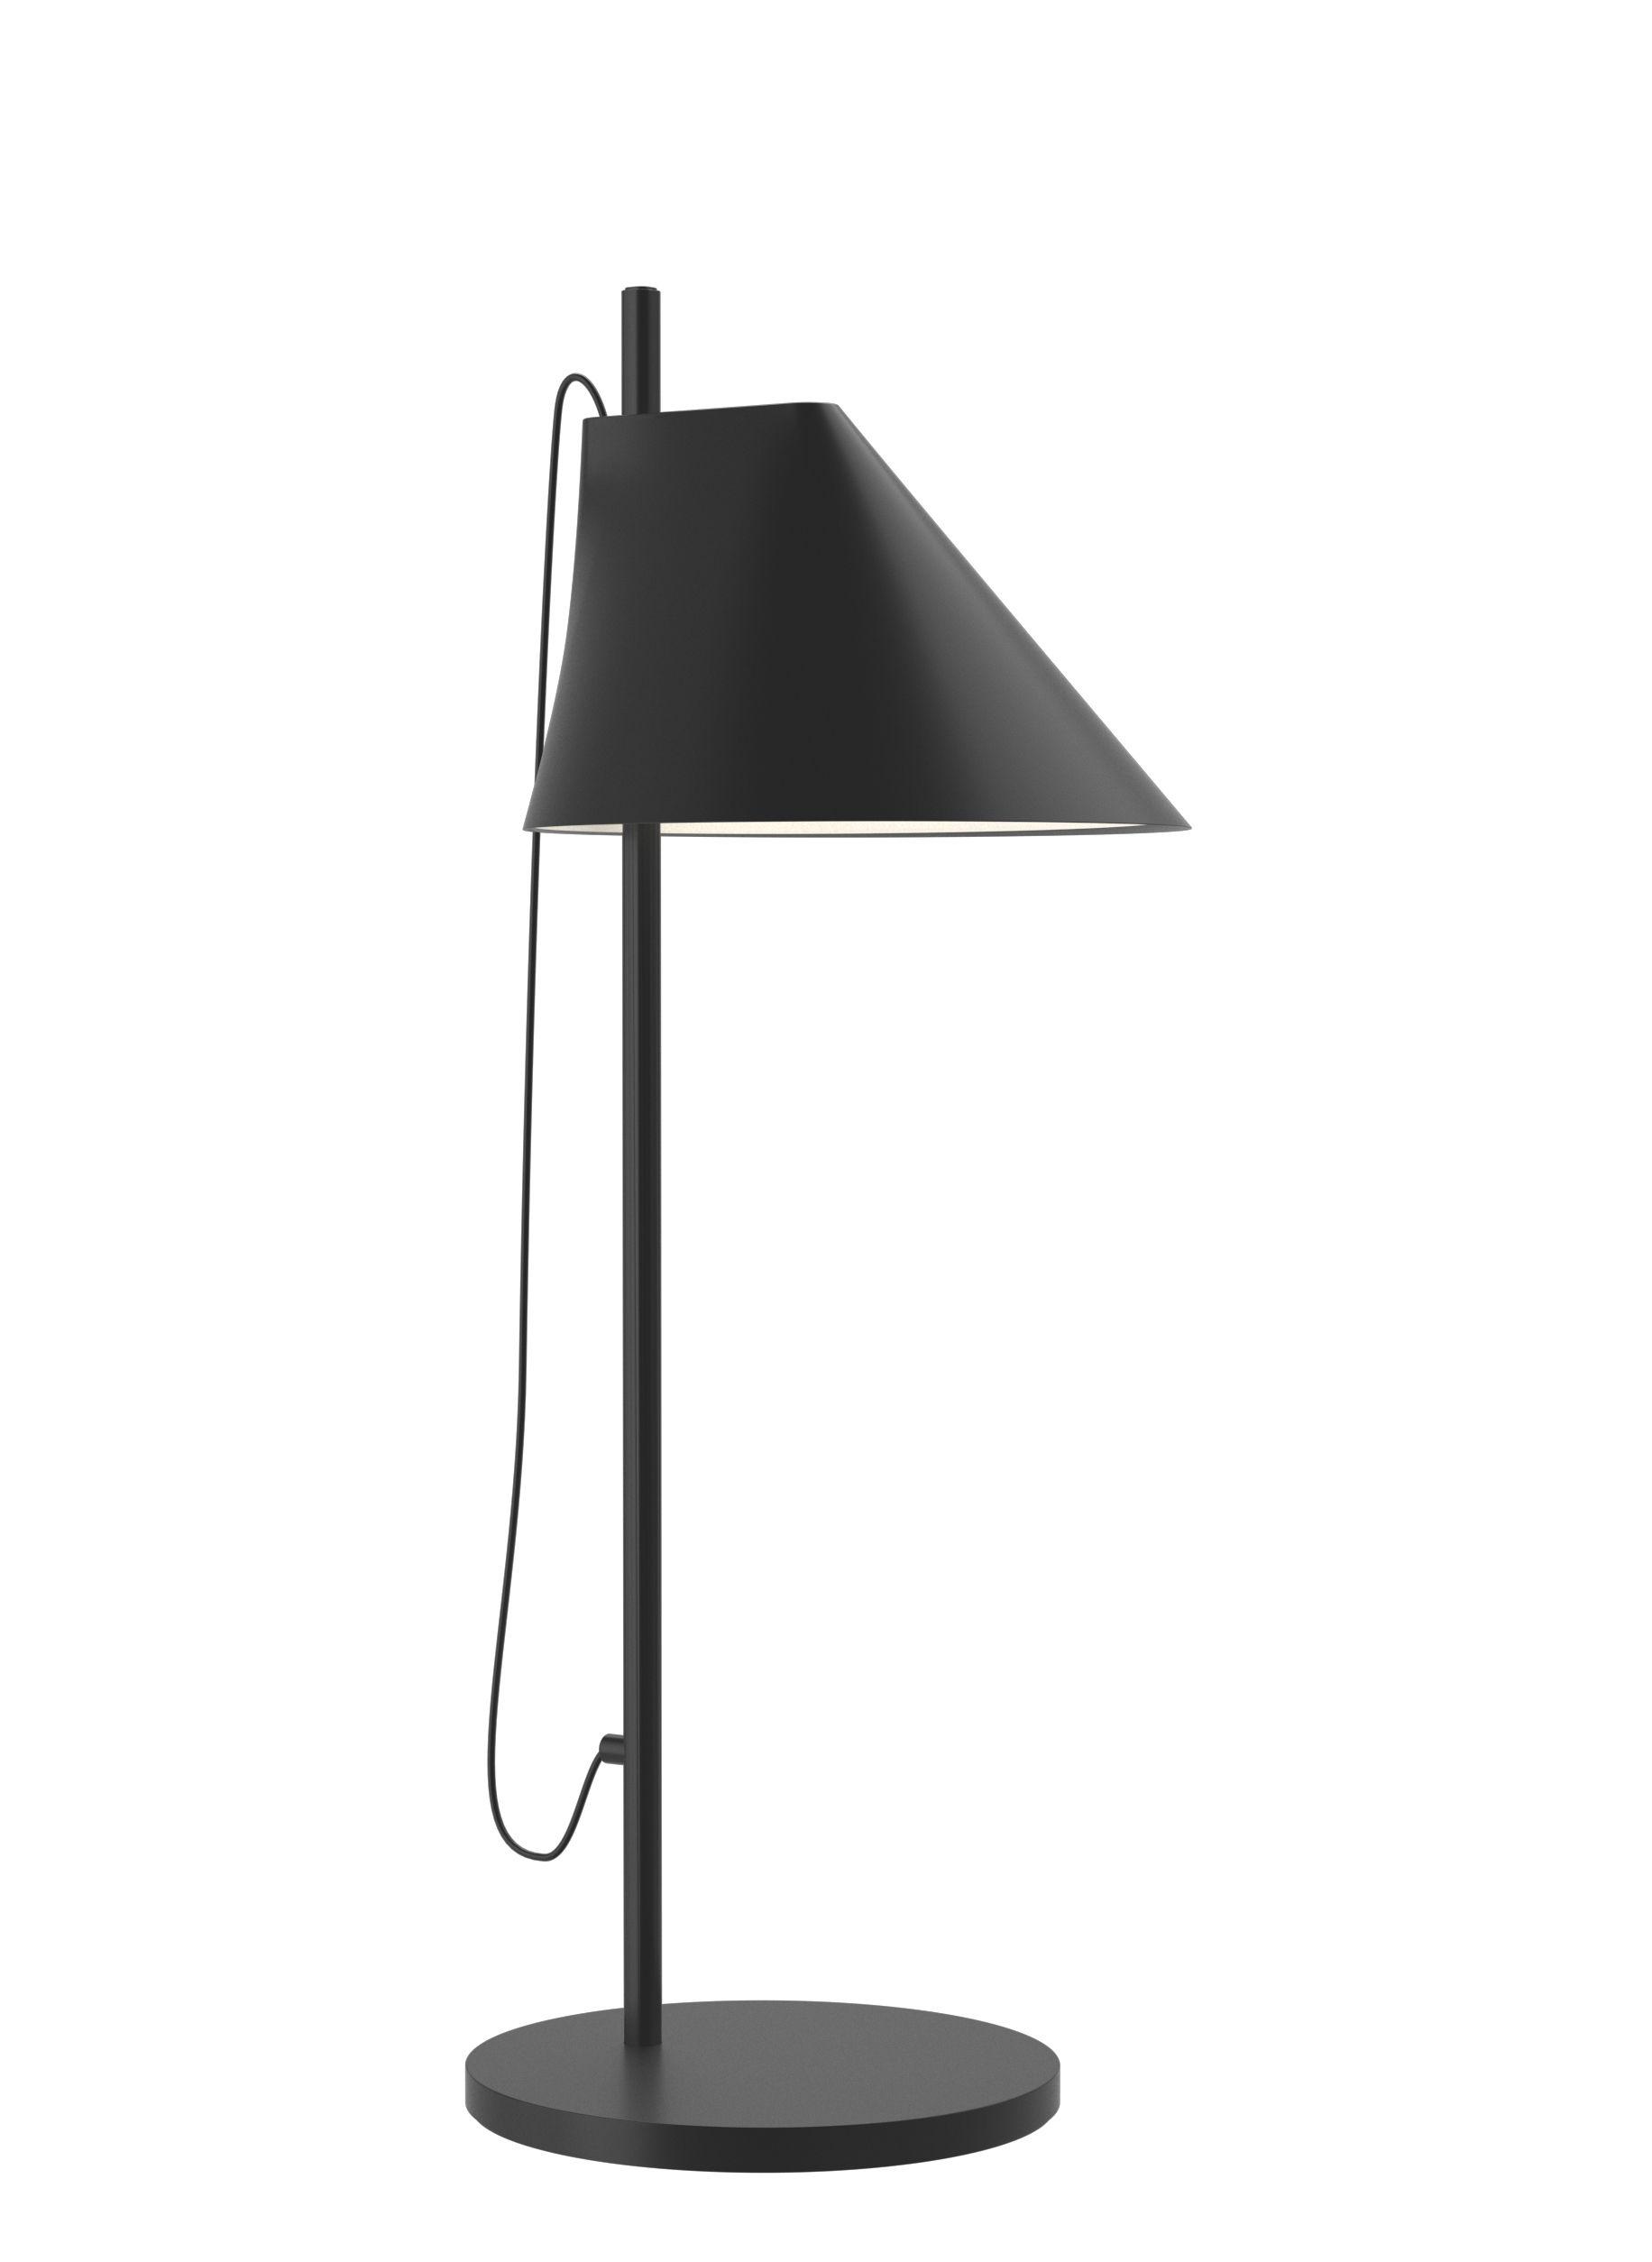 Leuchten - Tischleuchten - Yuh LED Tischleuchte / H 61 cm - Louis Poulsen - Schwarz - lackiertes Aluminium, Laiton laqué